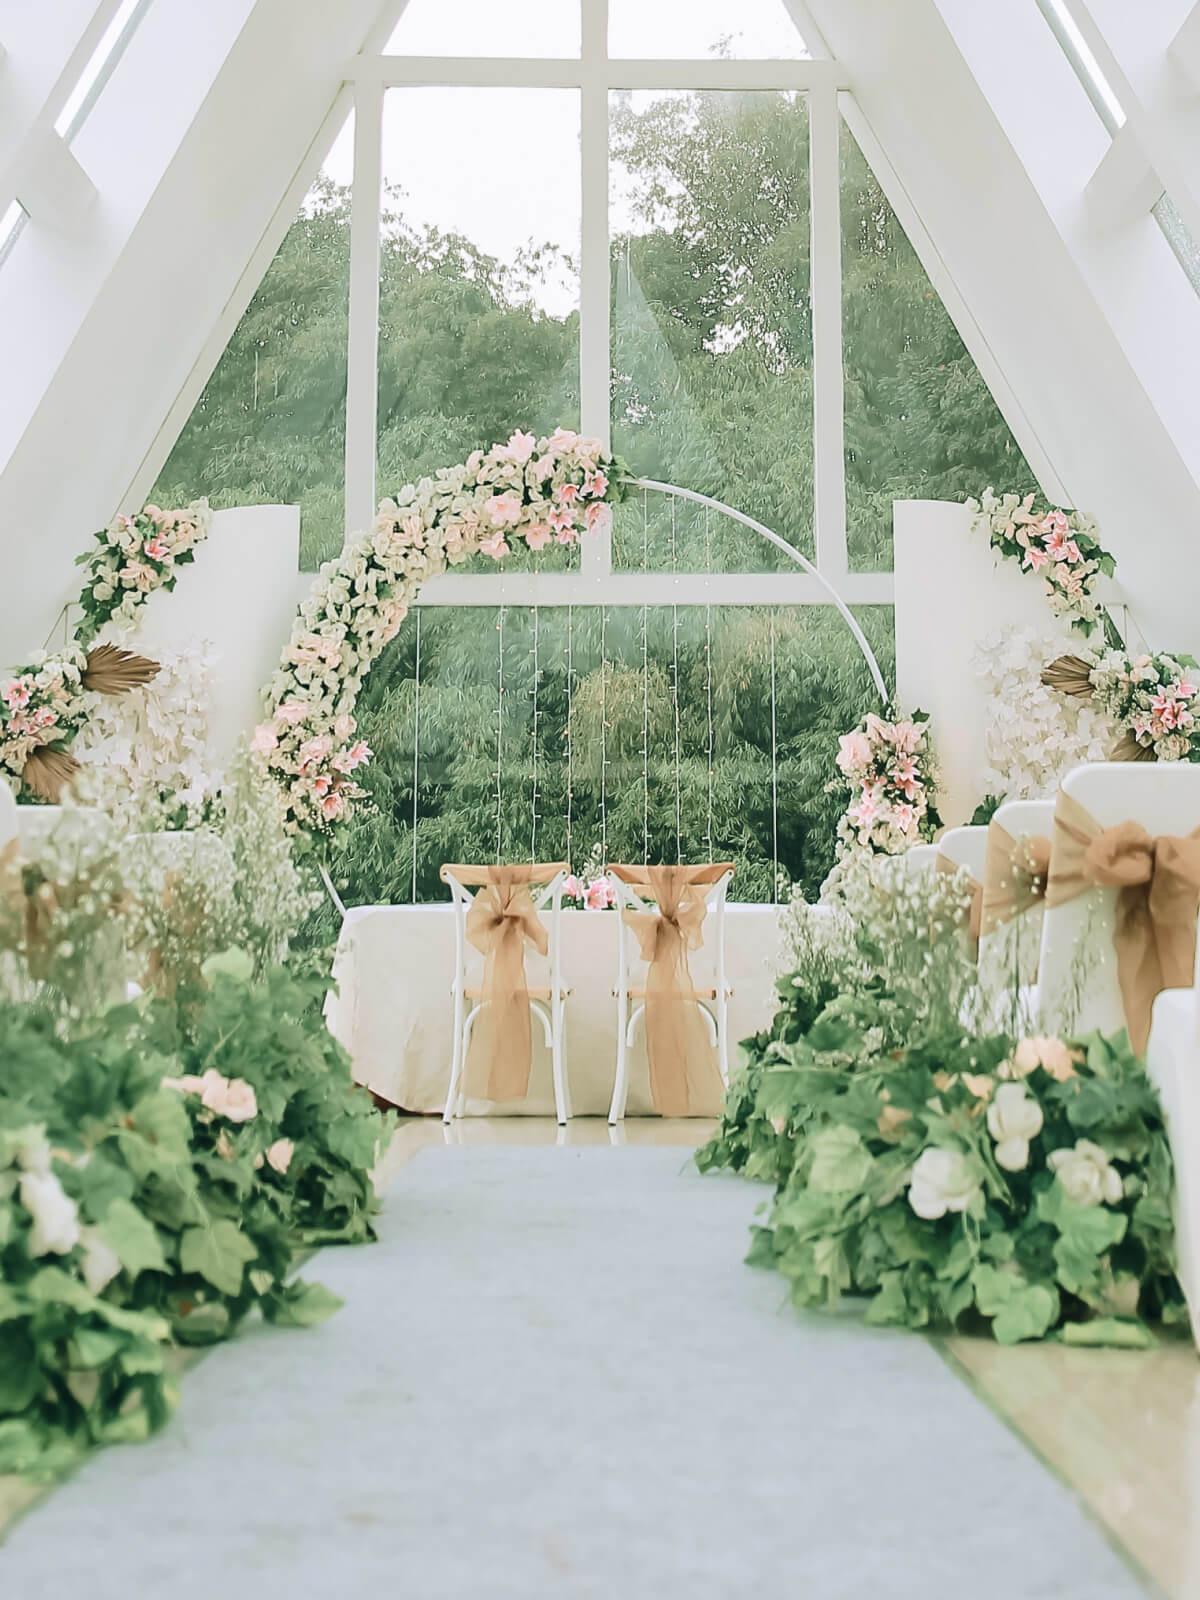 Luxury Wedding Arch